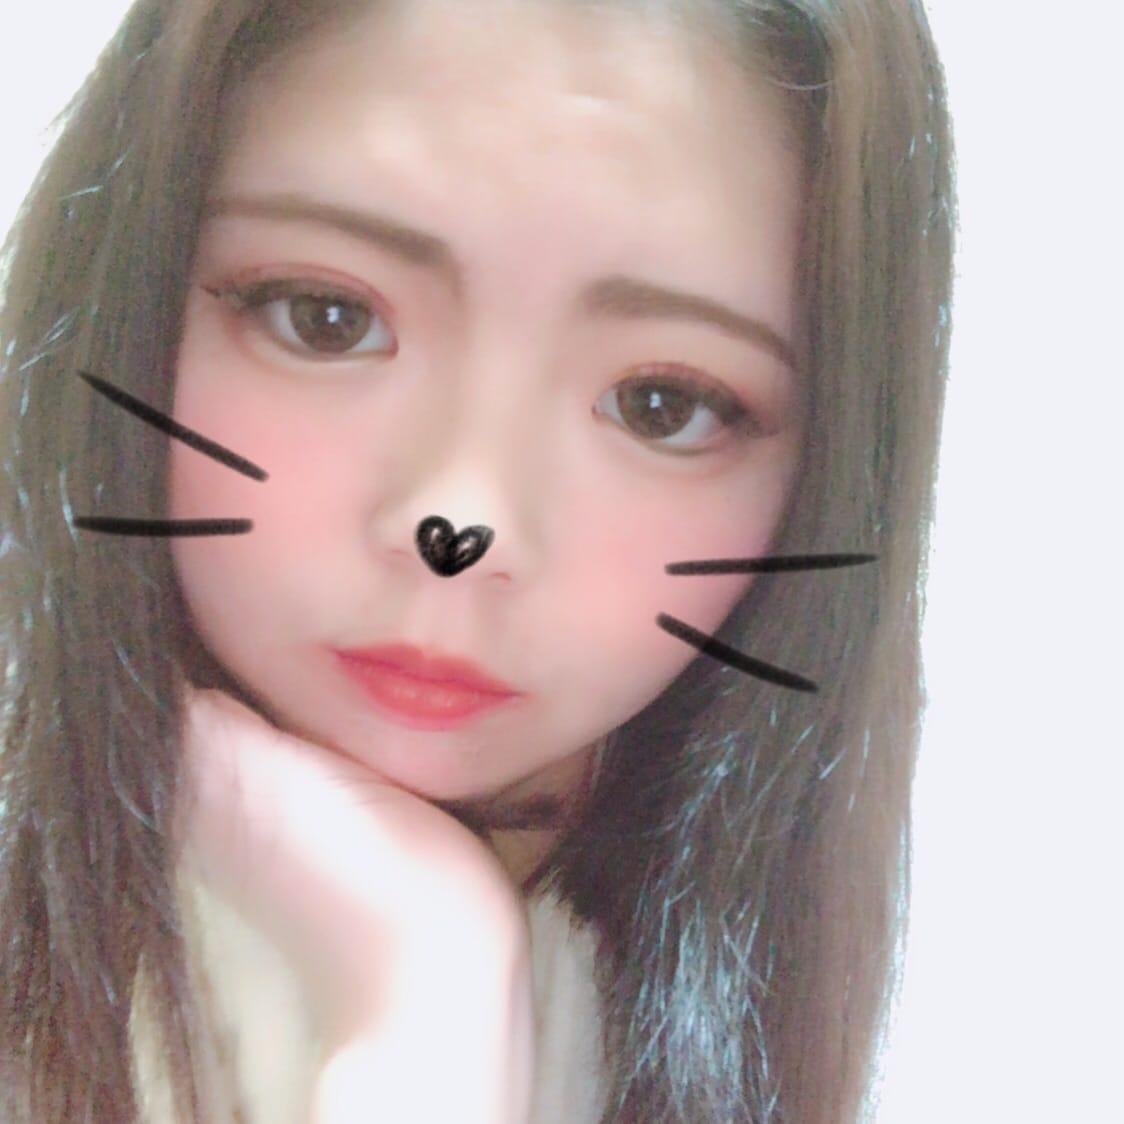 れお「お礼♡」04/22(日) 23:00 | れおの写メ・風俗動画